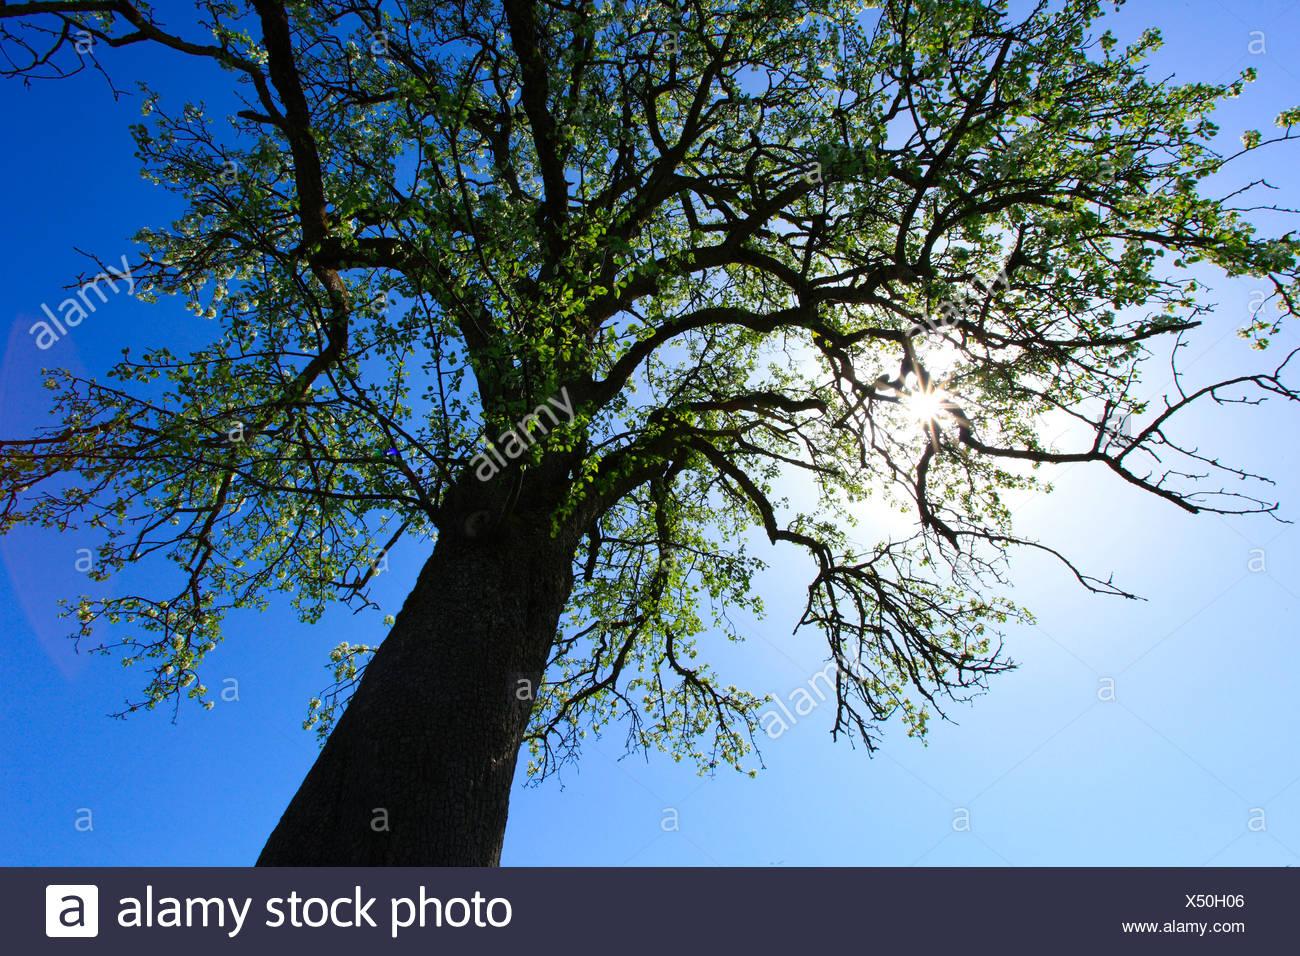 Agrario, Apple, Apple Tree, albero apple blossom, fiorire, albero, blossom, fiorire, fiore, splendore, dettaglio, campo, molla, po Immagini Stock